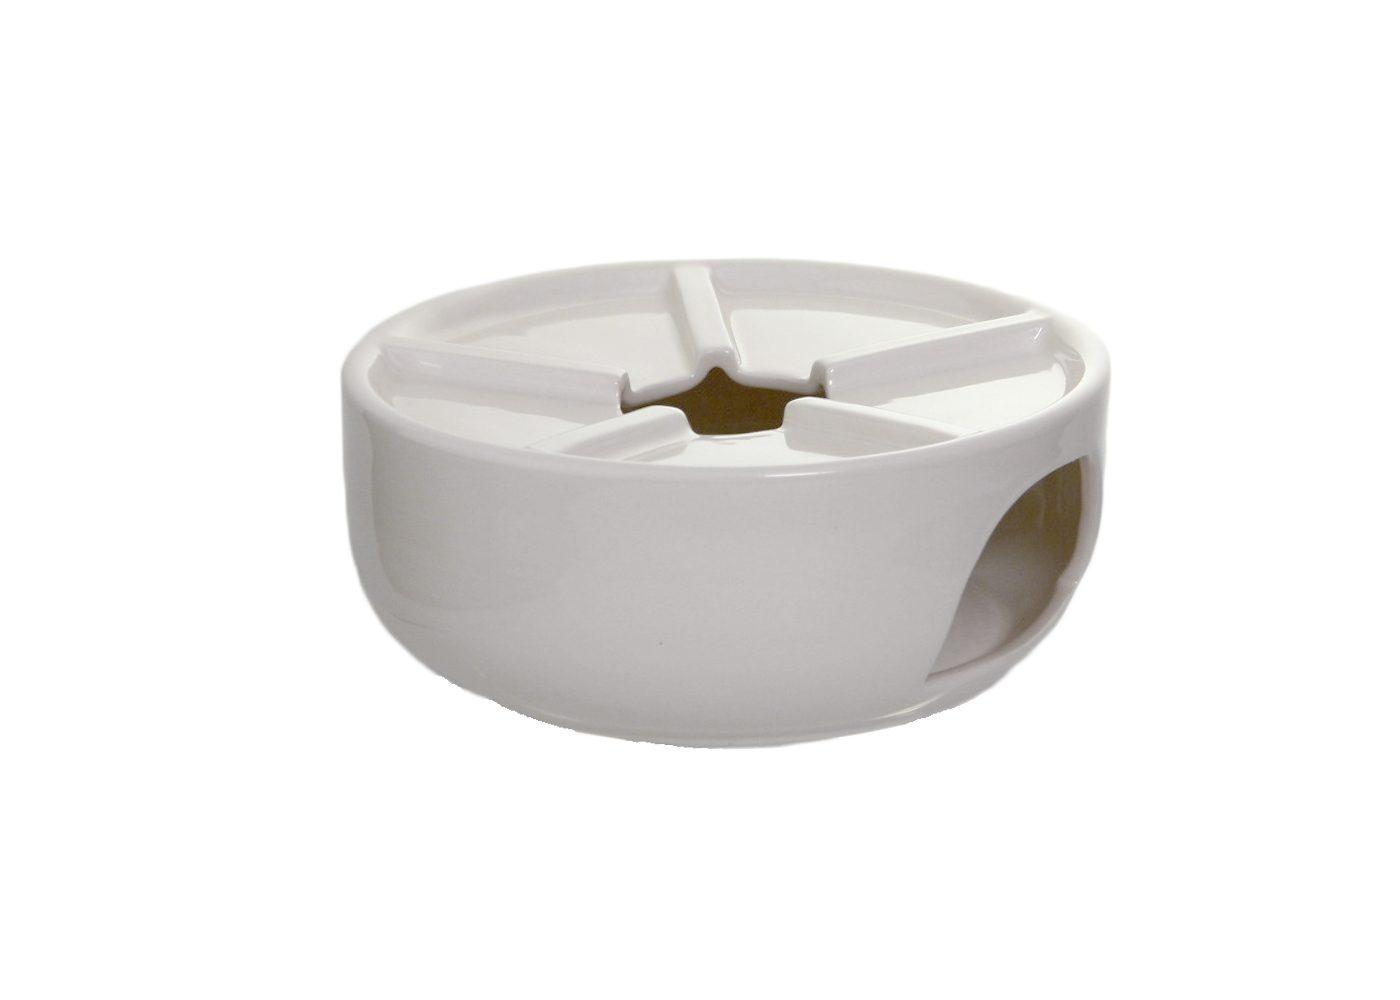 Zeller Keramik Stövchen »Petite Blanc«